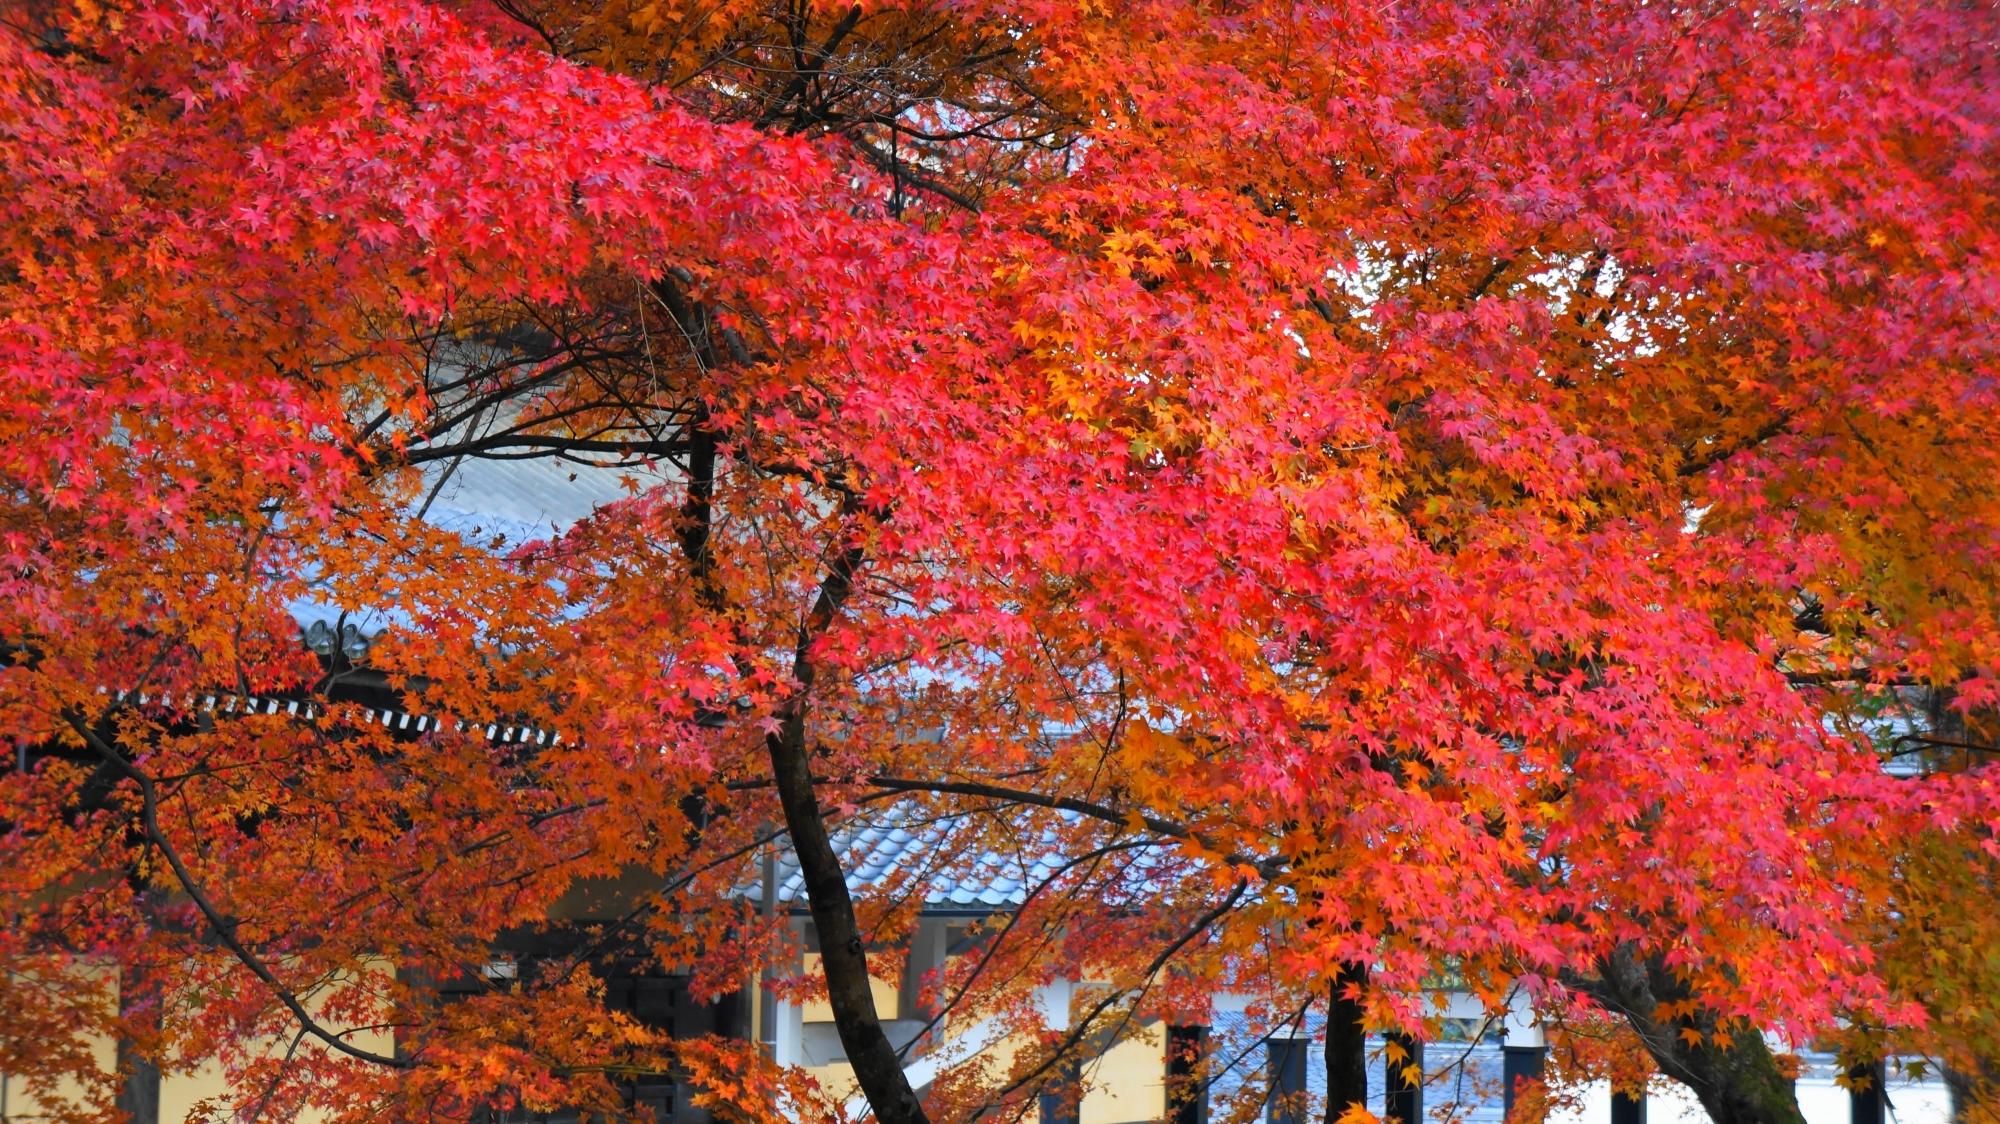 光の当たり具合で煌びやかに色づく鮮やかな紅葉